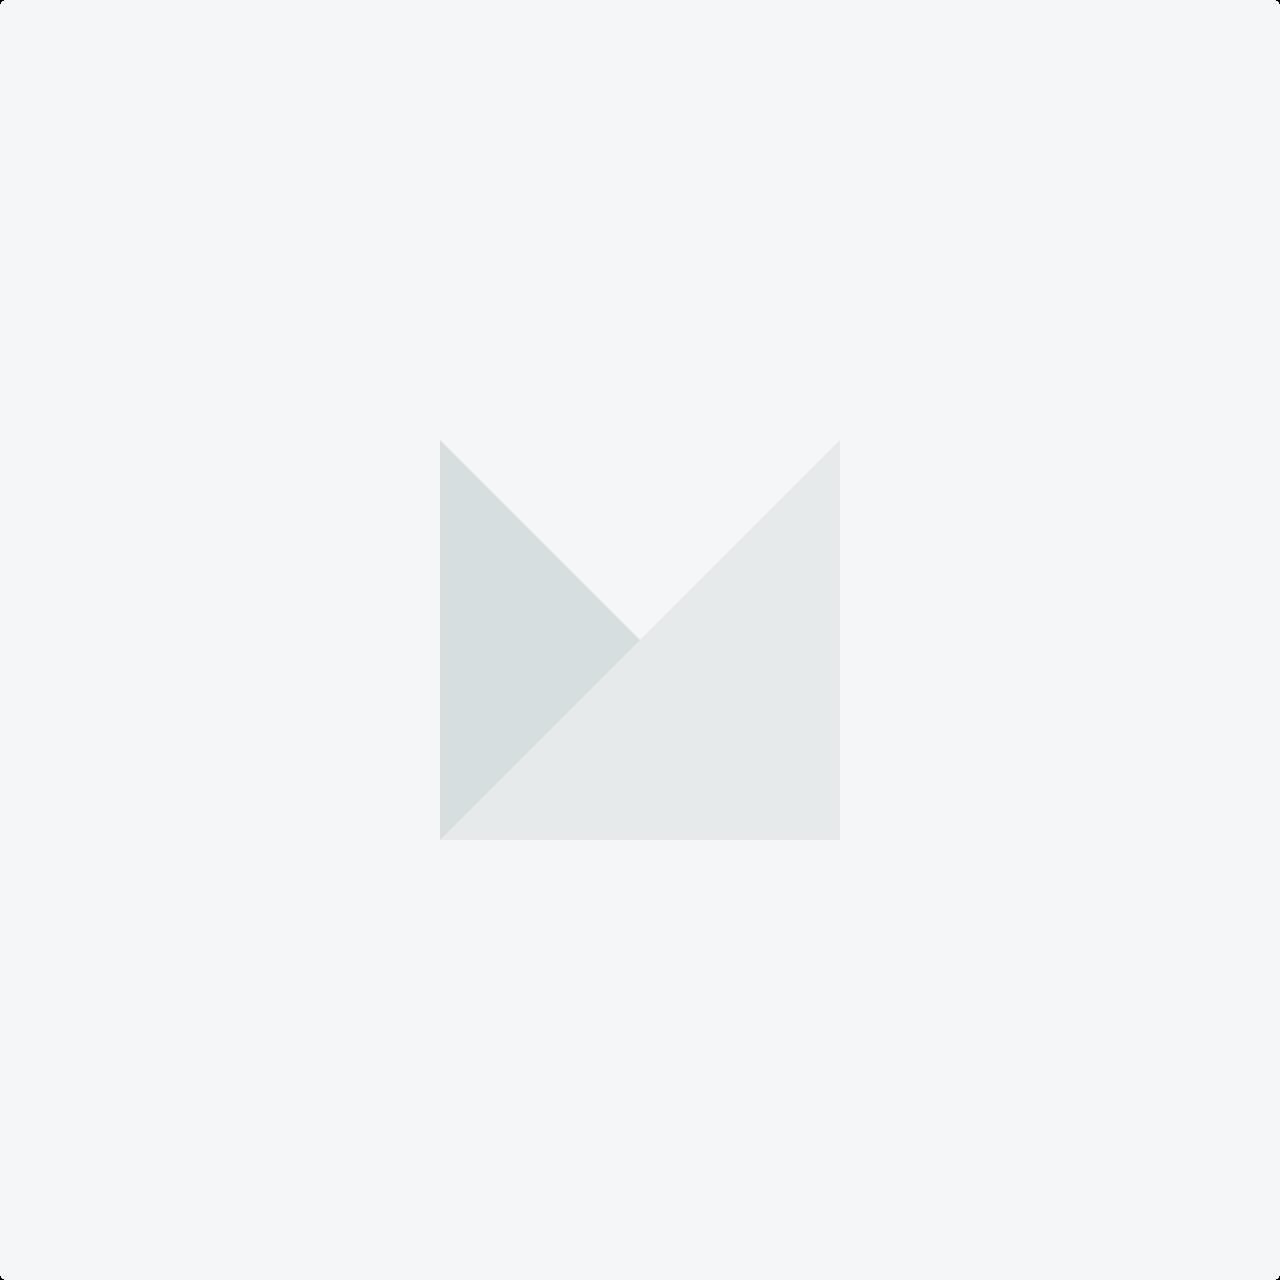 2dedf896 Женские кроссовки, кеды / CROSBY / 487335/01-03 / CROSBY 487335/01-03  женские кроссовки / Китай — купить на Robo.market